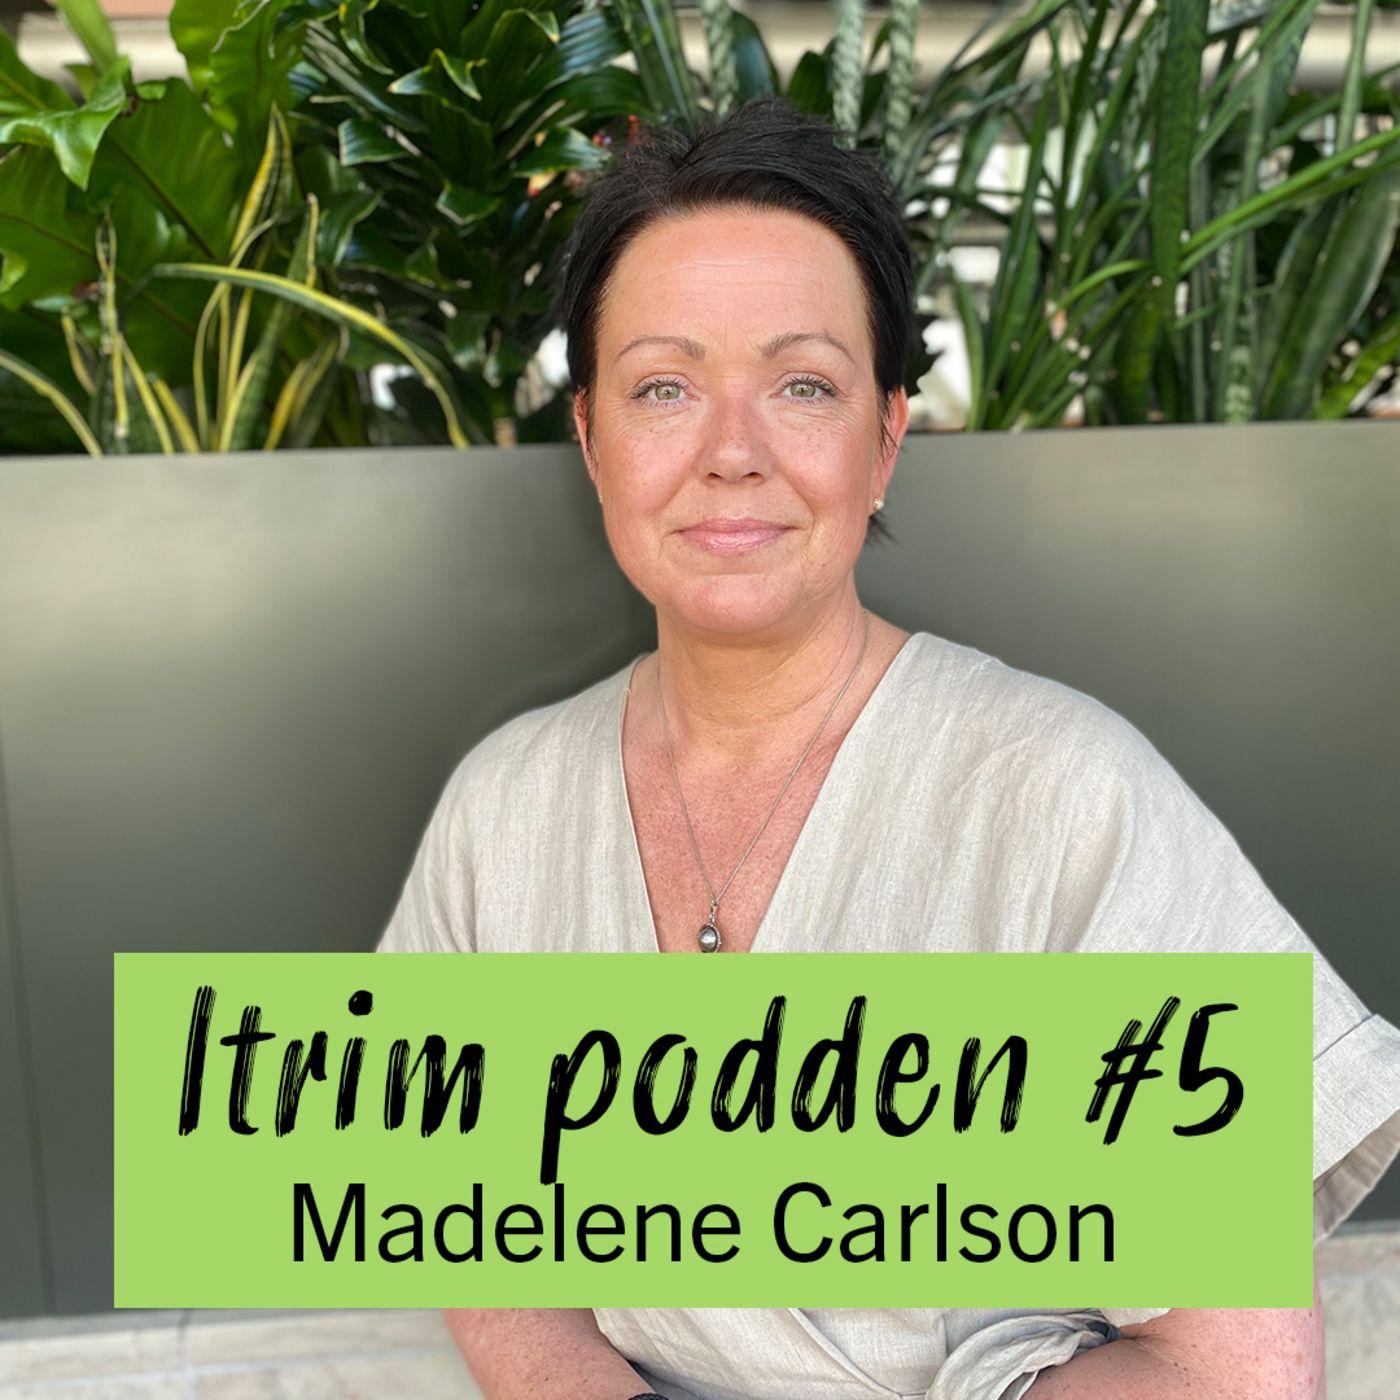 #5: Madelene Carlson, hon som gjort det på riktigt